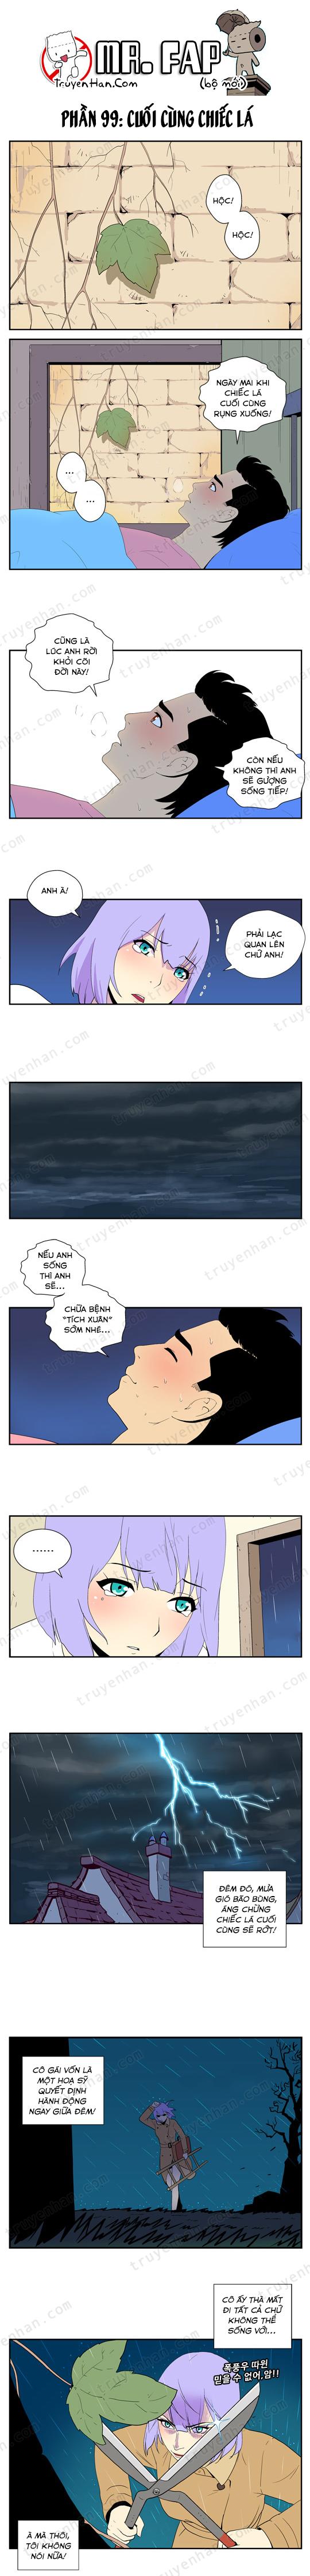 Mr. FAP (bộ mới) phần 99: Cuối cùng chiếc lá